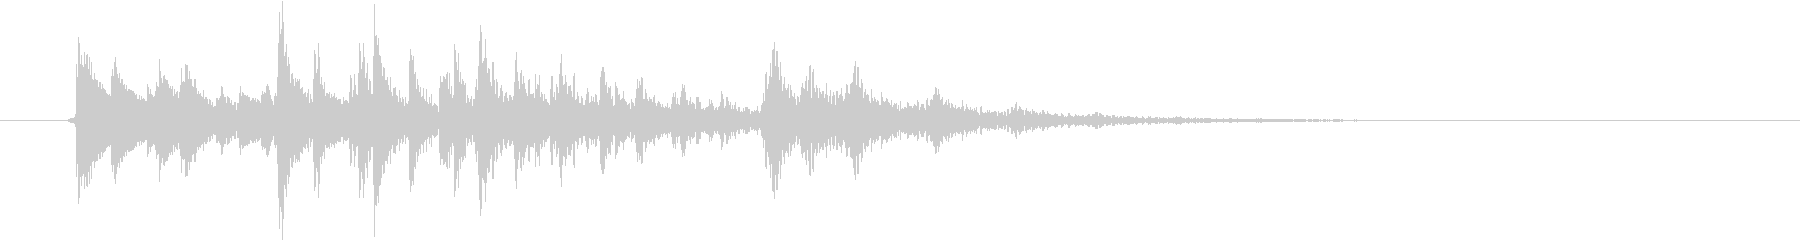 生演奏:ステレオディレイの和音ピチカートの未再生の波形